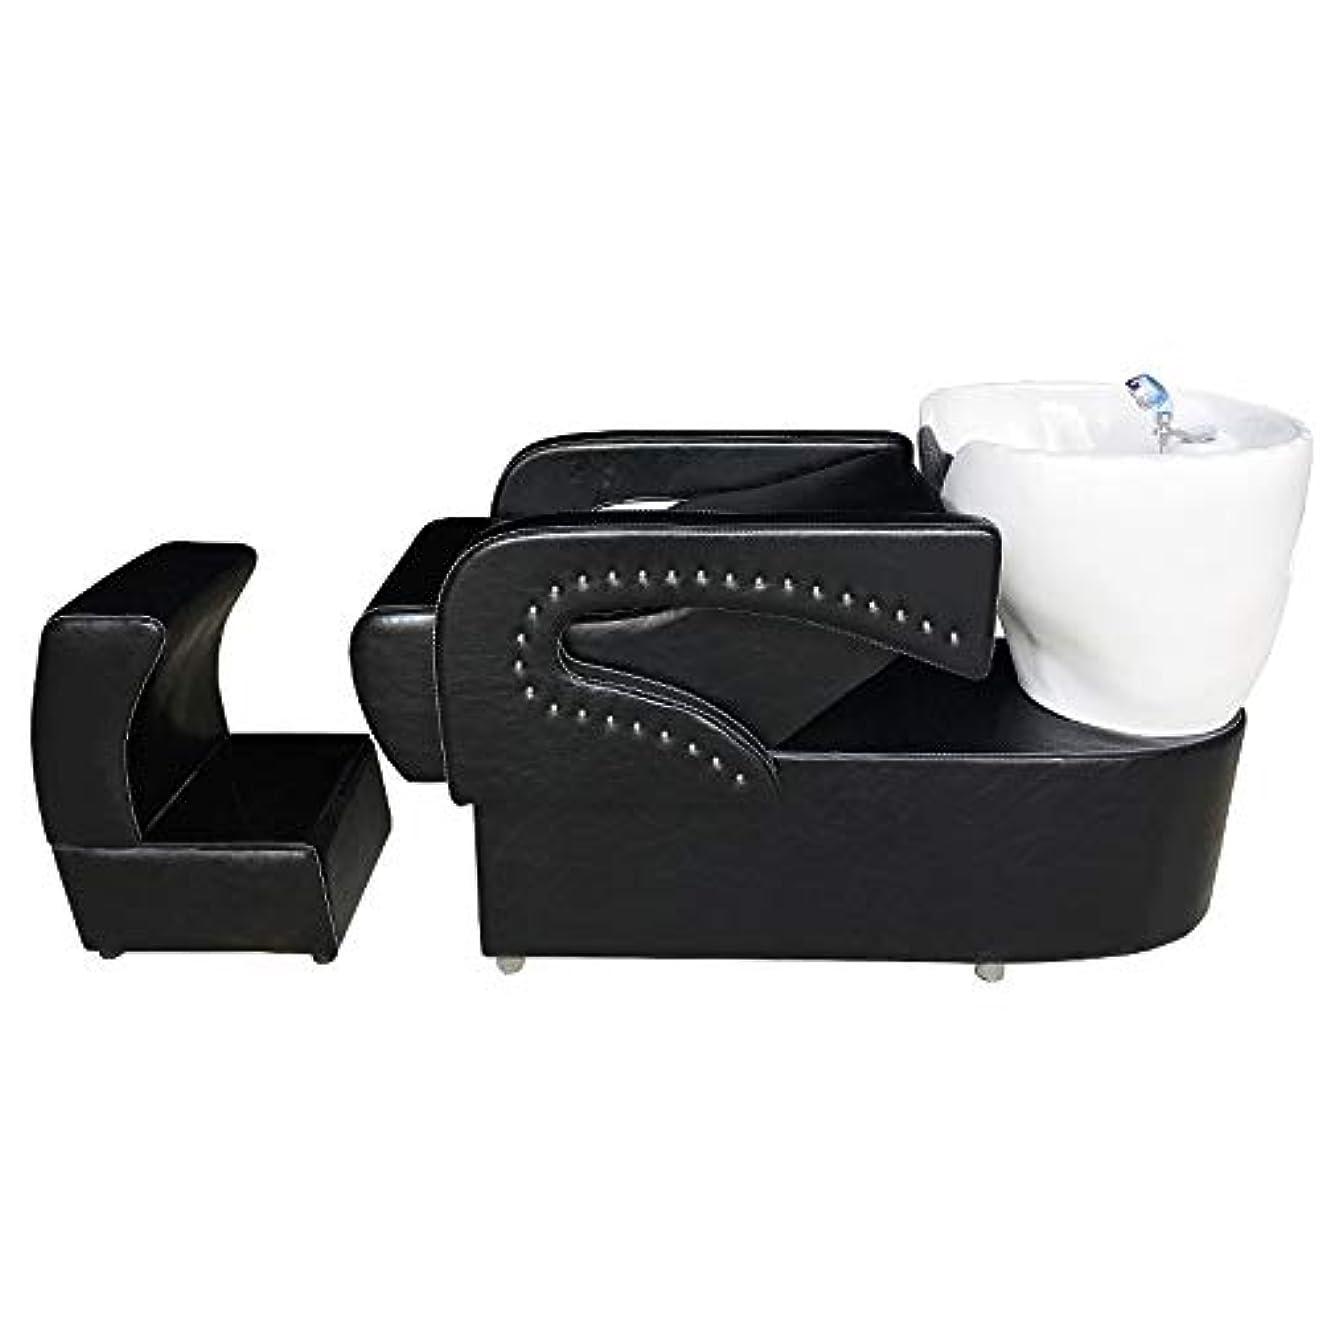 リマペルメル意図的シャンプーの理髪師の逆洗の椅子、鉱泉の美容院のためのシャンプーボールの流しの椅子は半くぼみのフラッシュベッドを流します